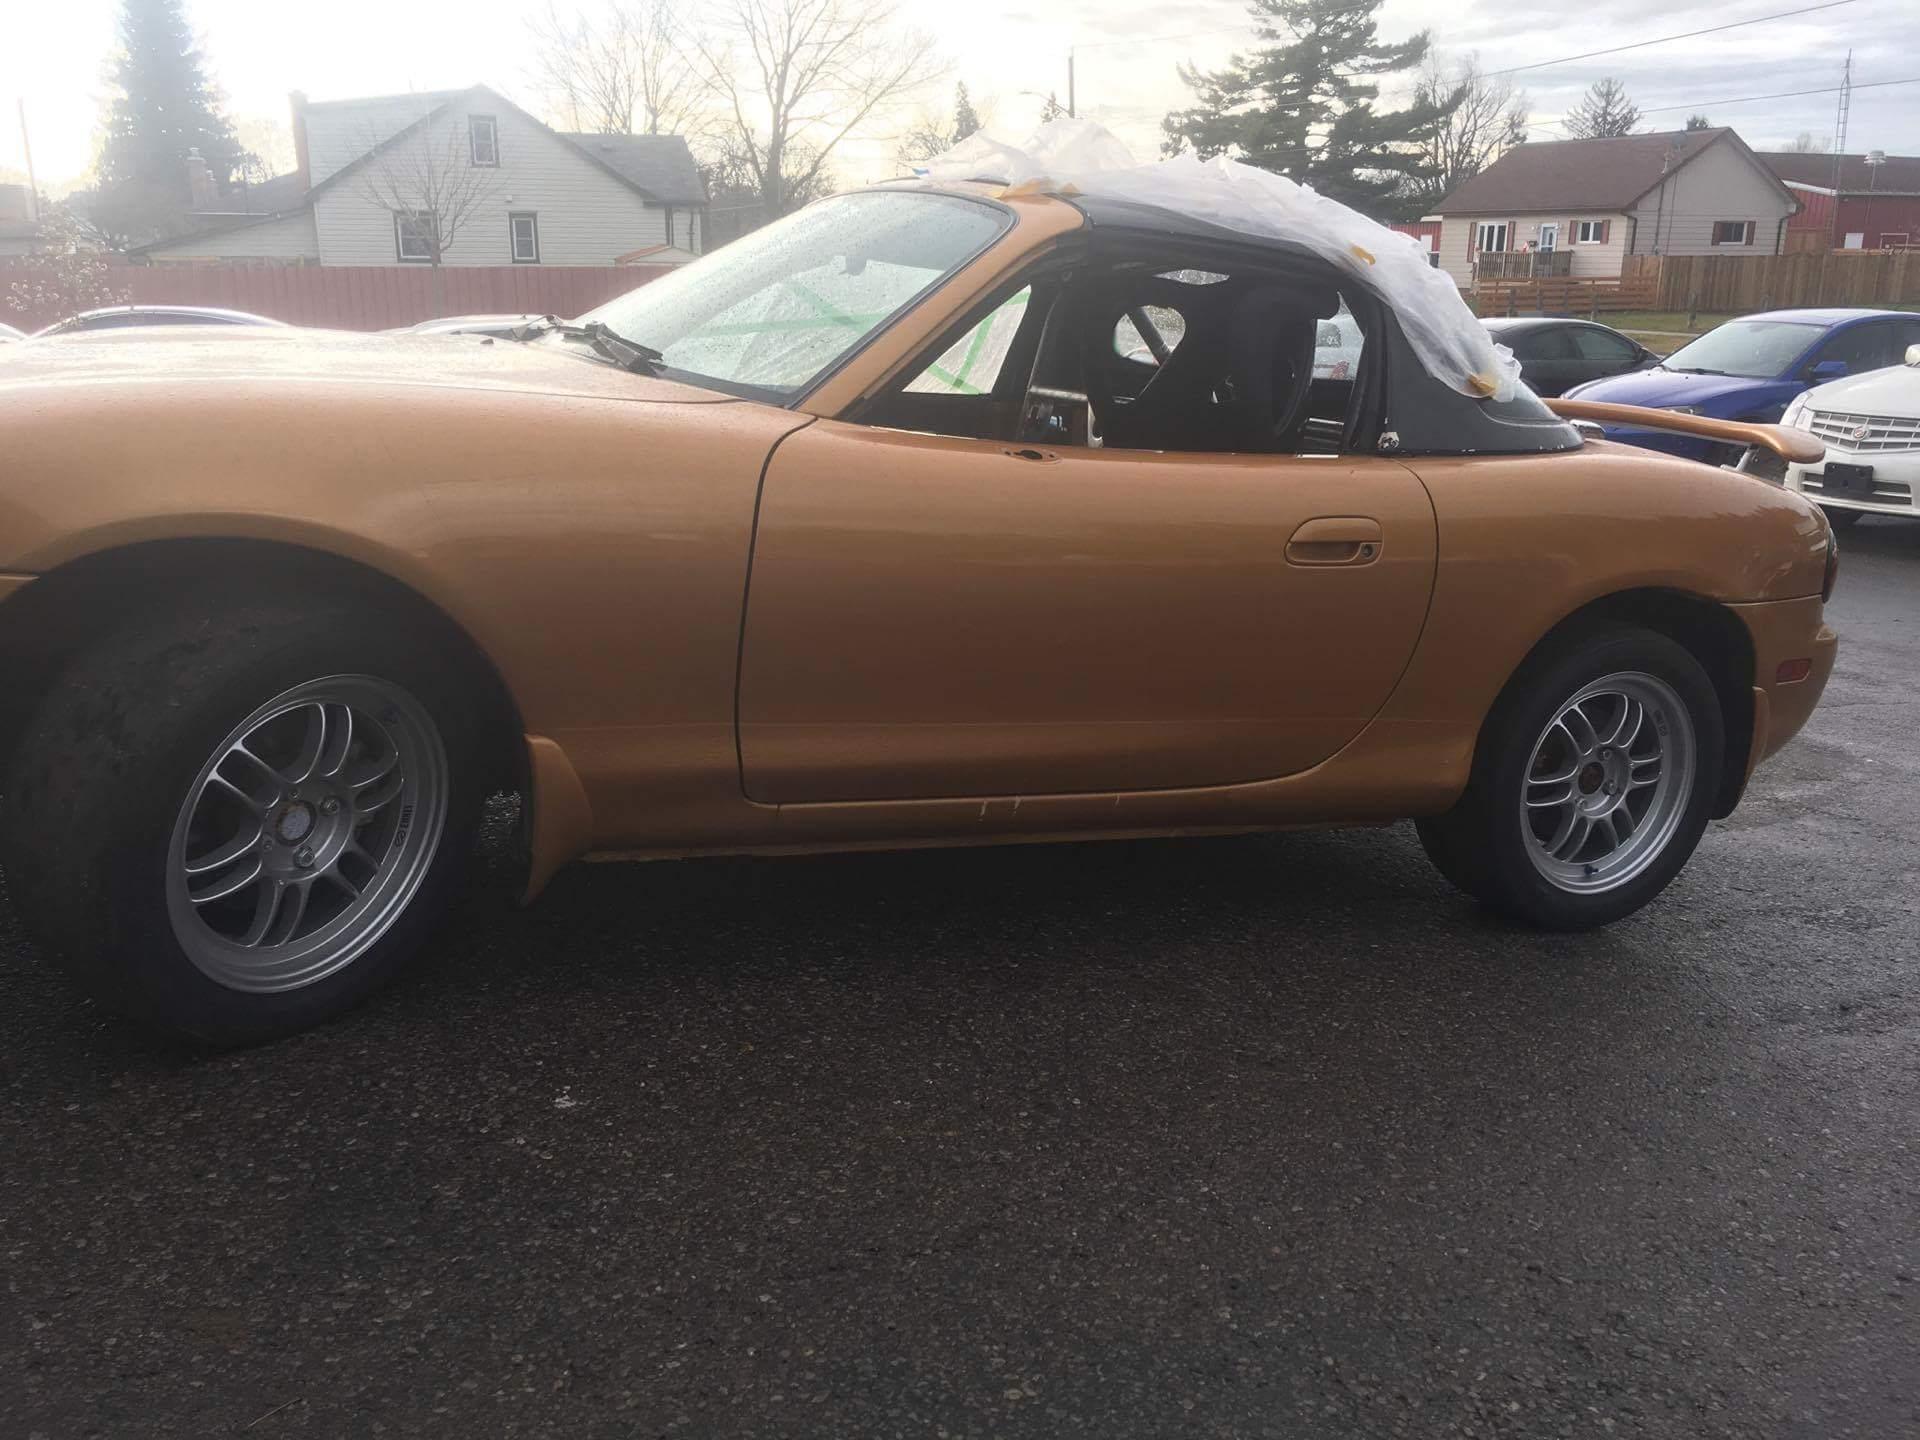 2000 Mazda Miata New Build Spotless For Sale in Oshawa $7000